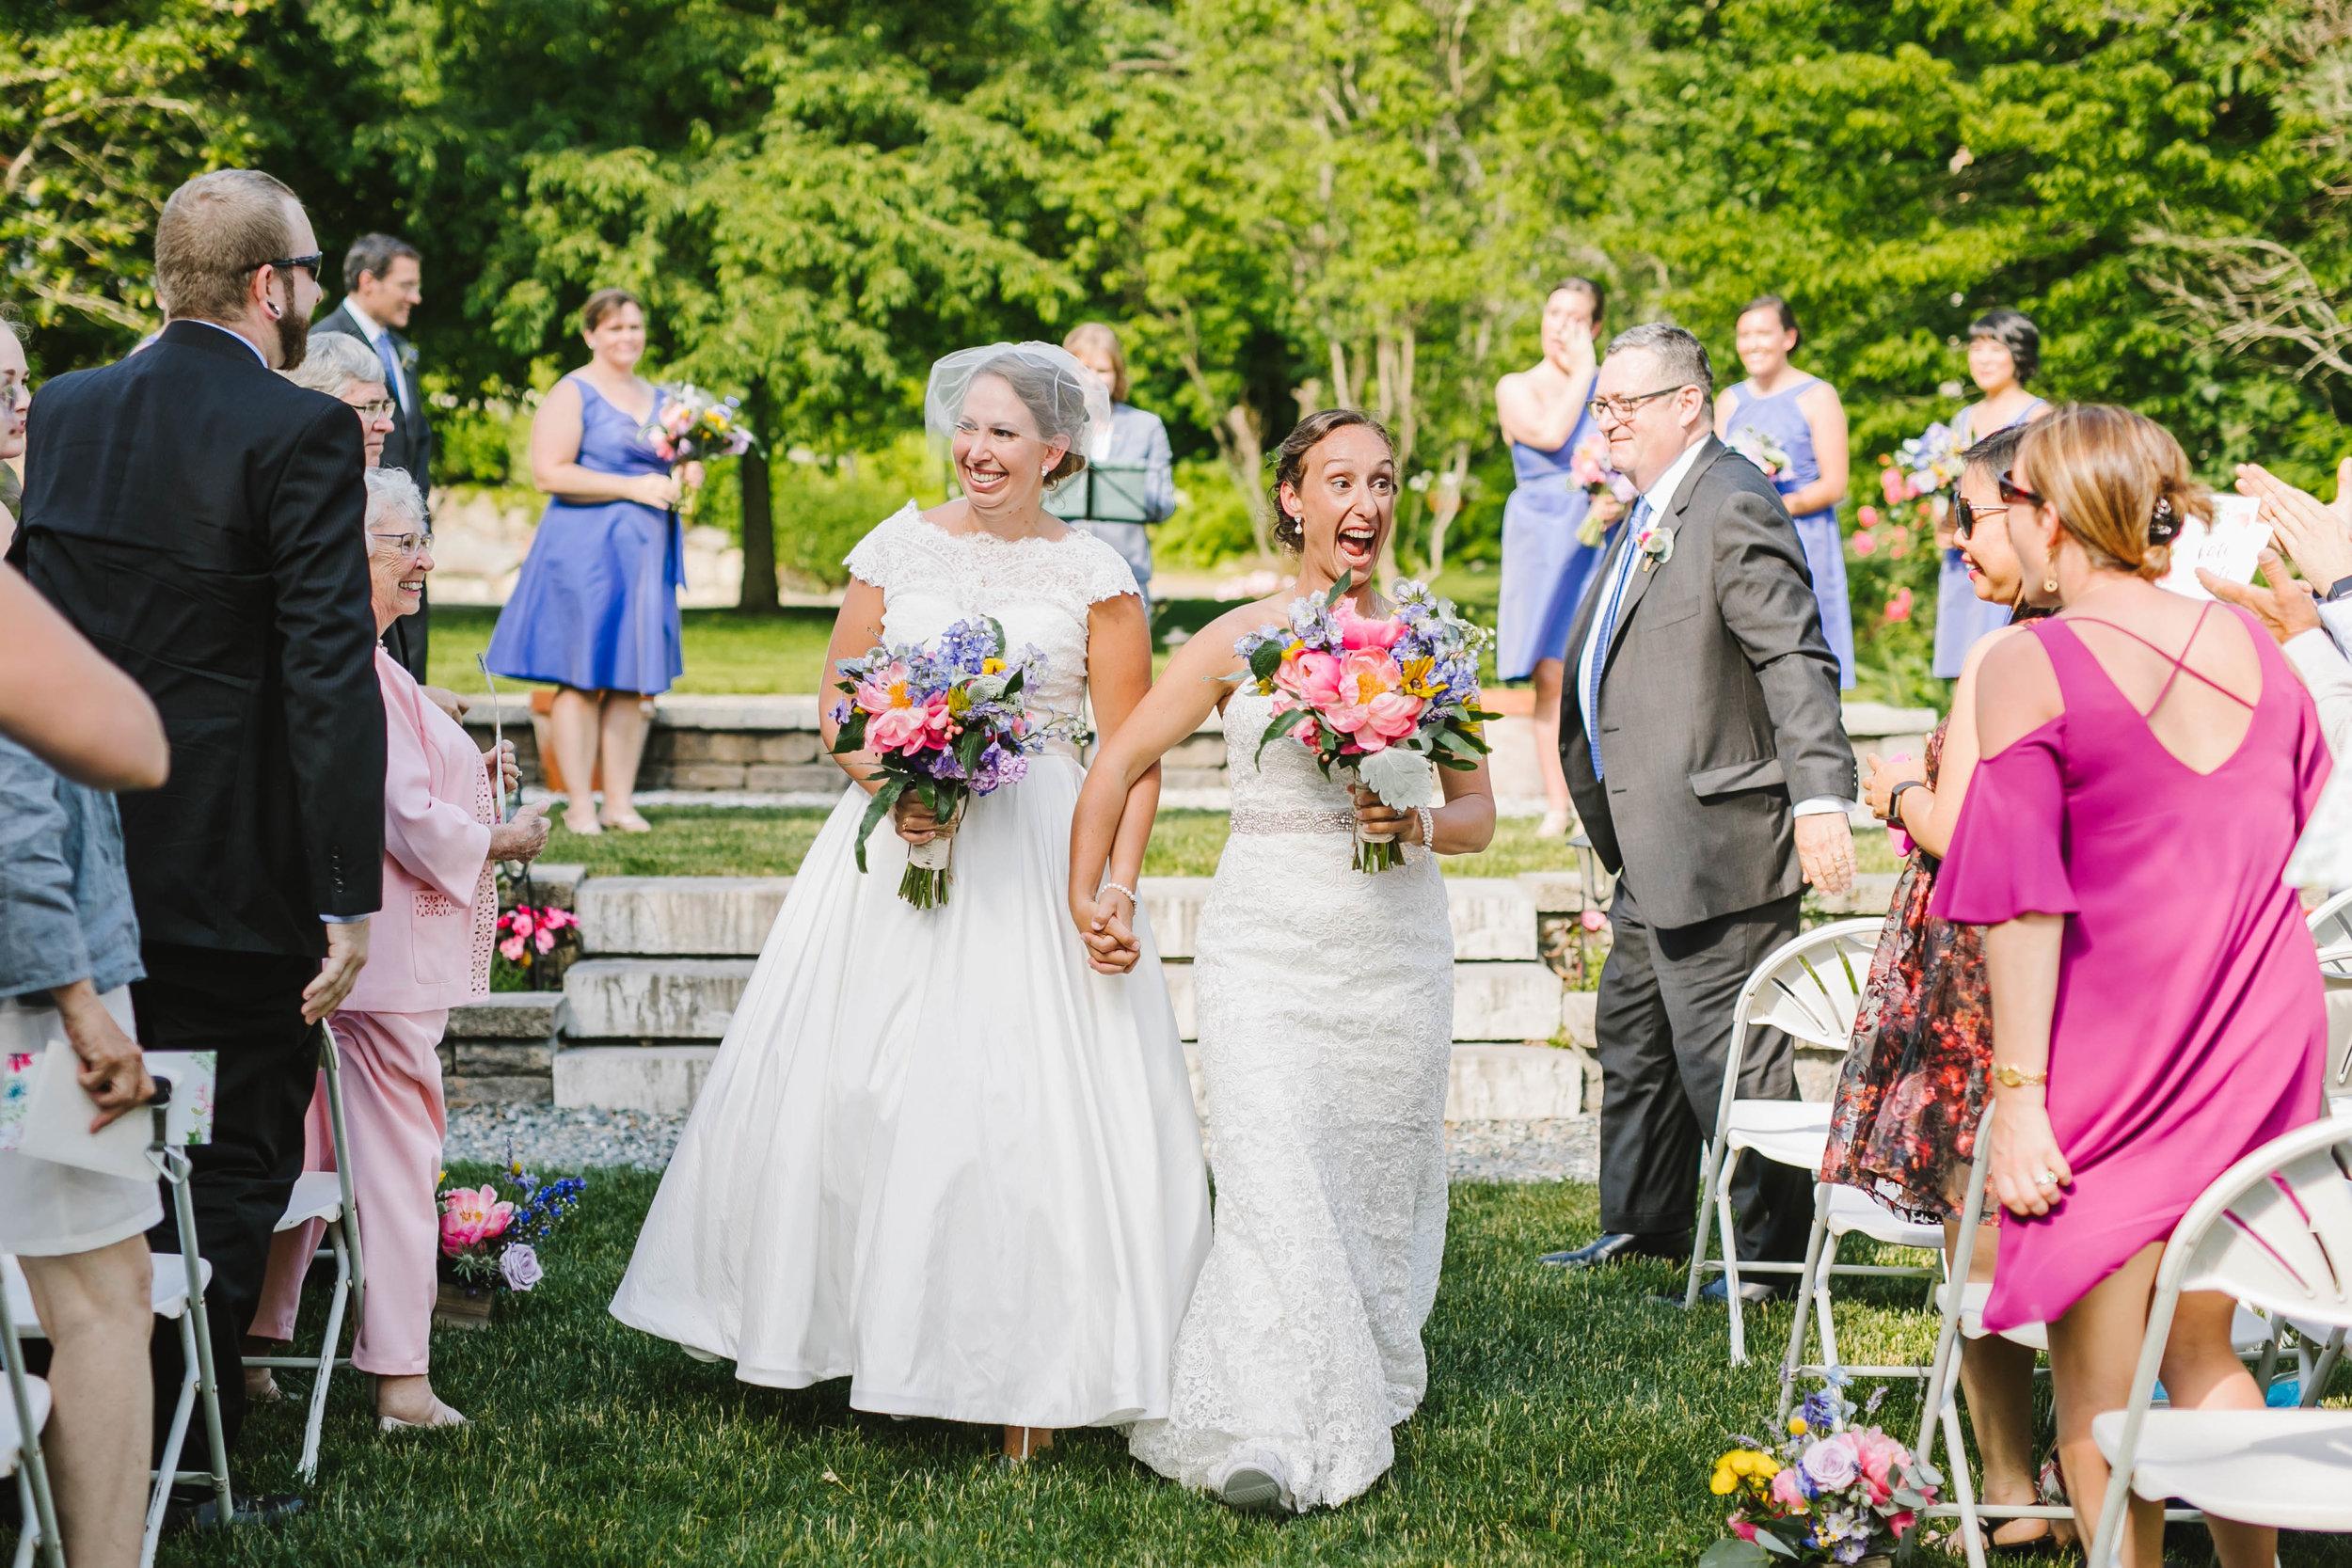 Wedding at Inn at Newfound Lake Bristol RI Kate and Kate-8.jpg